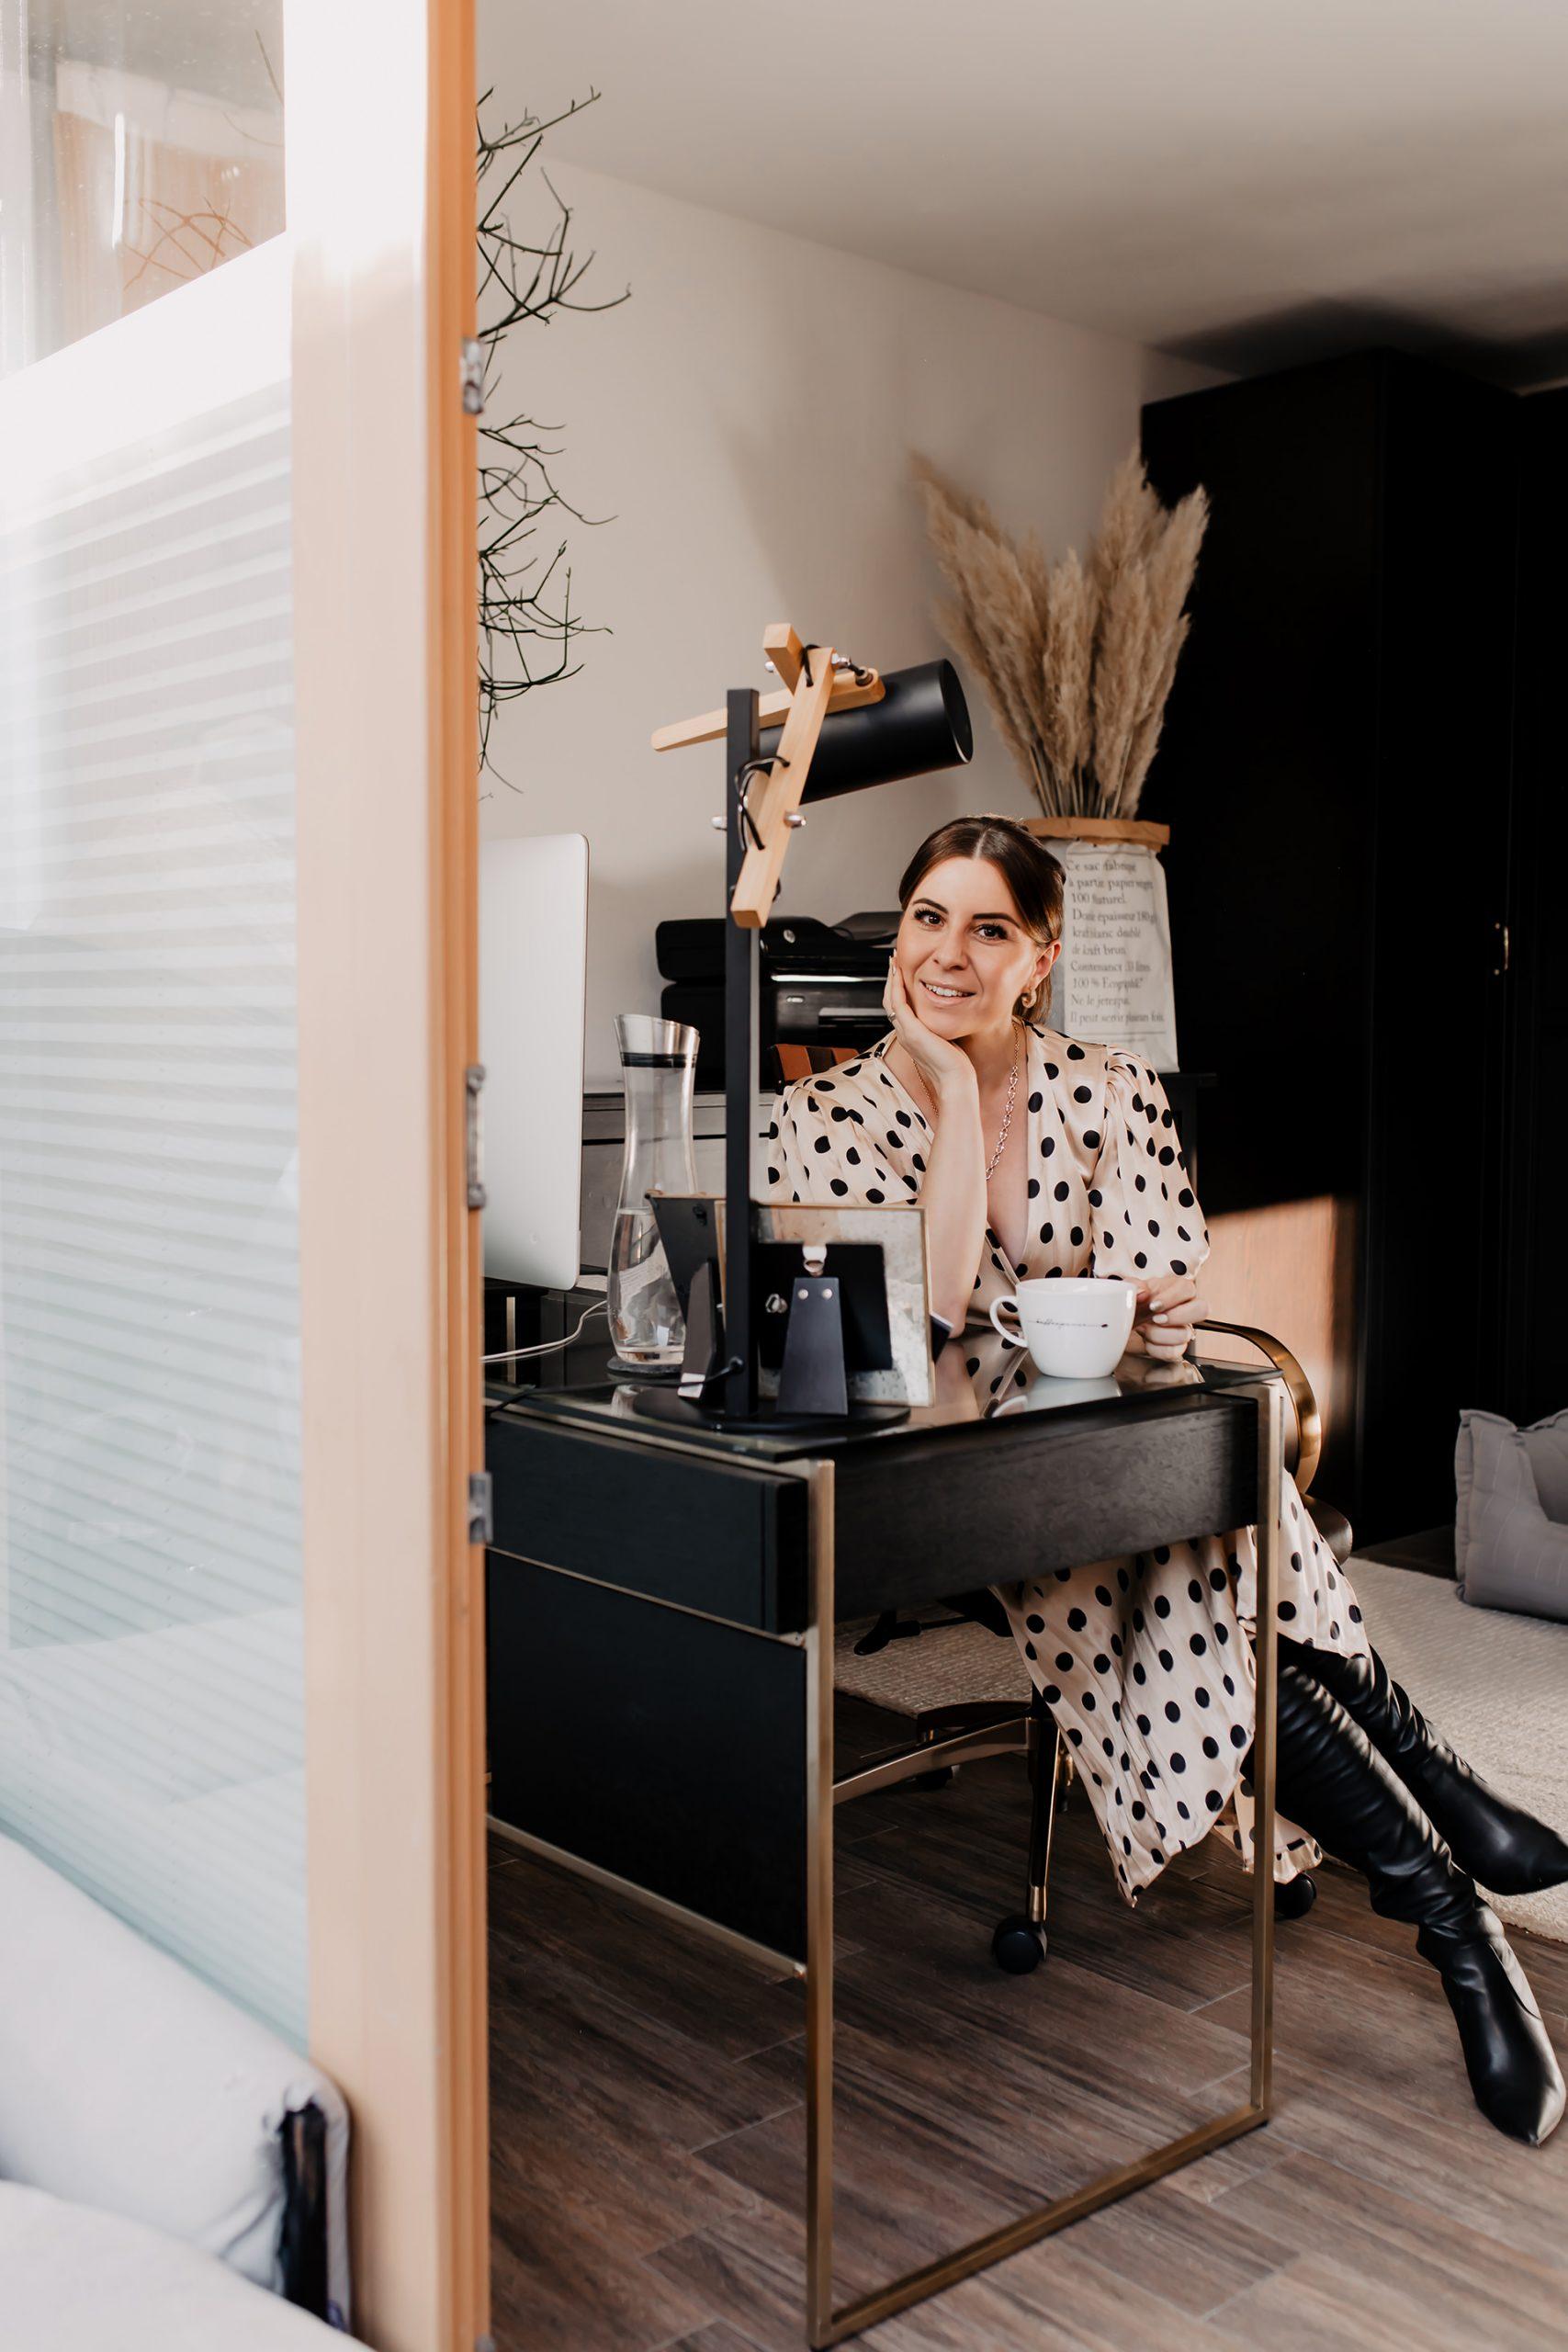 Produktplatzierung. Am Karriere Blog teile ich heute 4 Gründe für eine entspannte Kaffeepause im Büro und 4 Tipps für richtig guten Kaffee mit dir!www.whoismocca.com #kaffeepause #kaffeeliebe #jura #karrieretipps